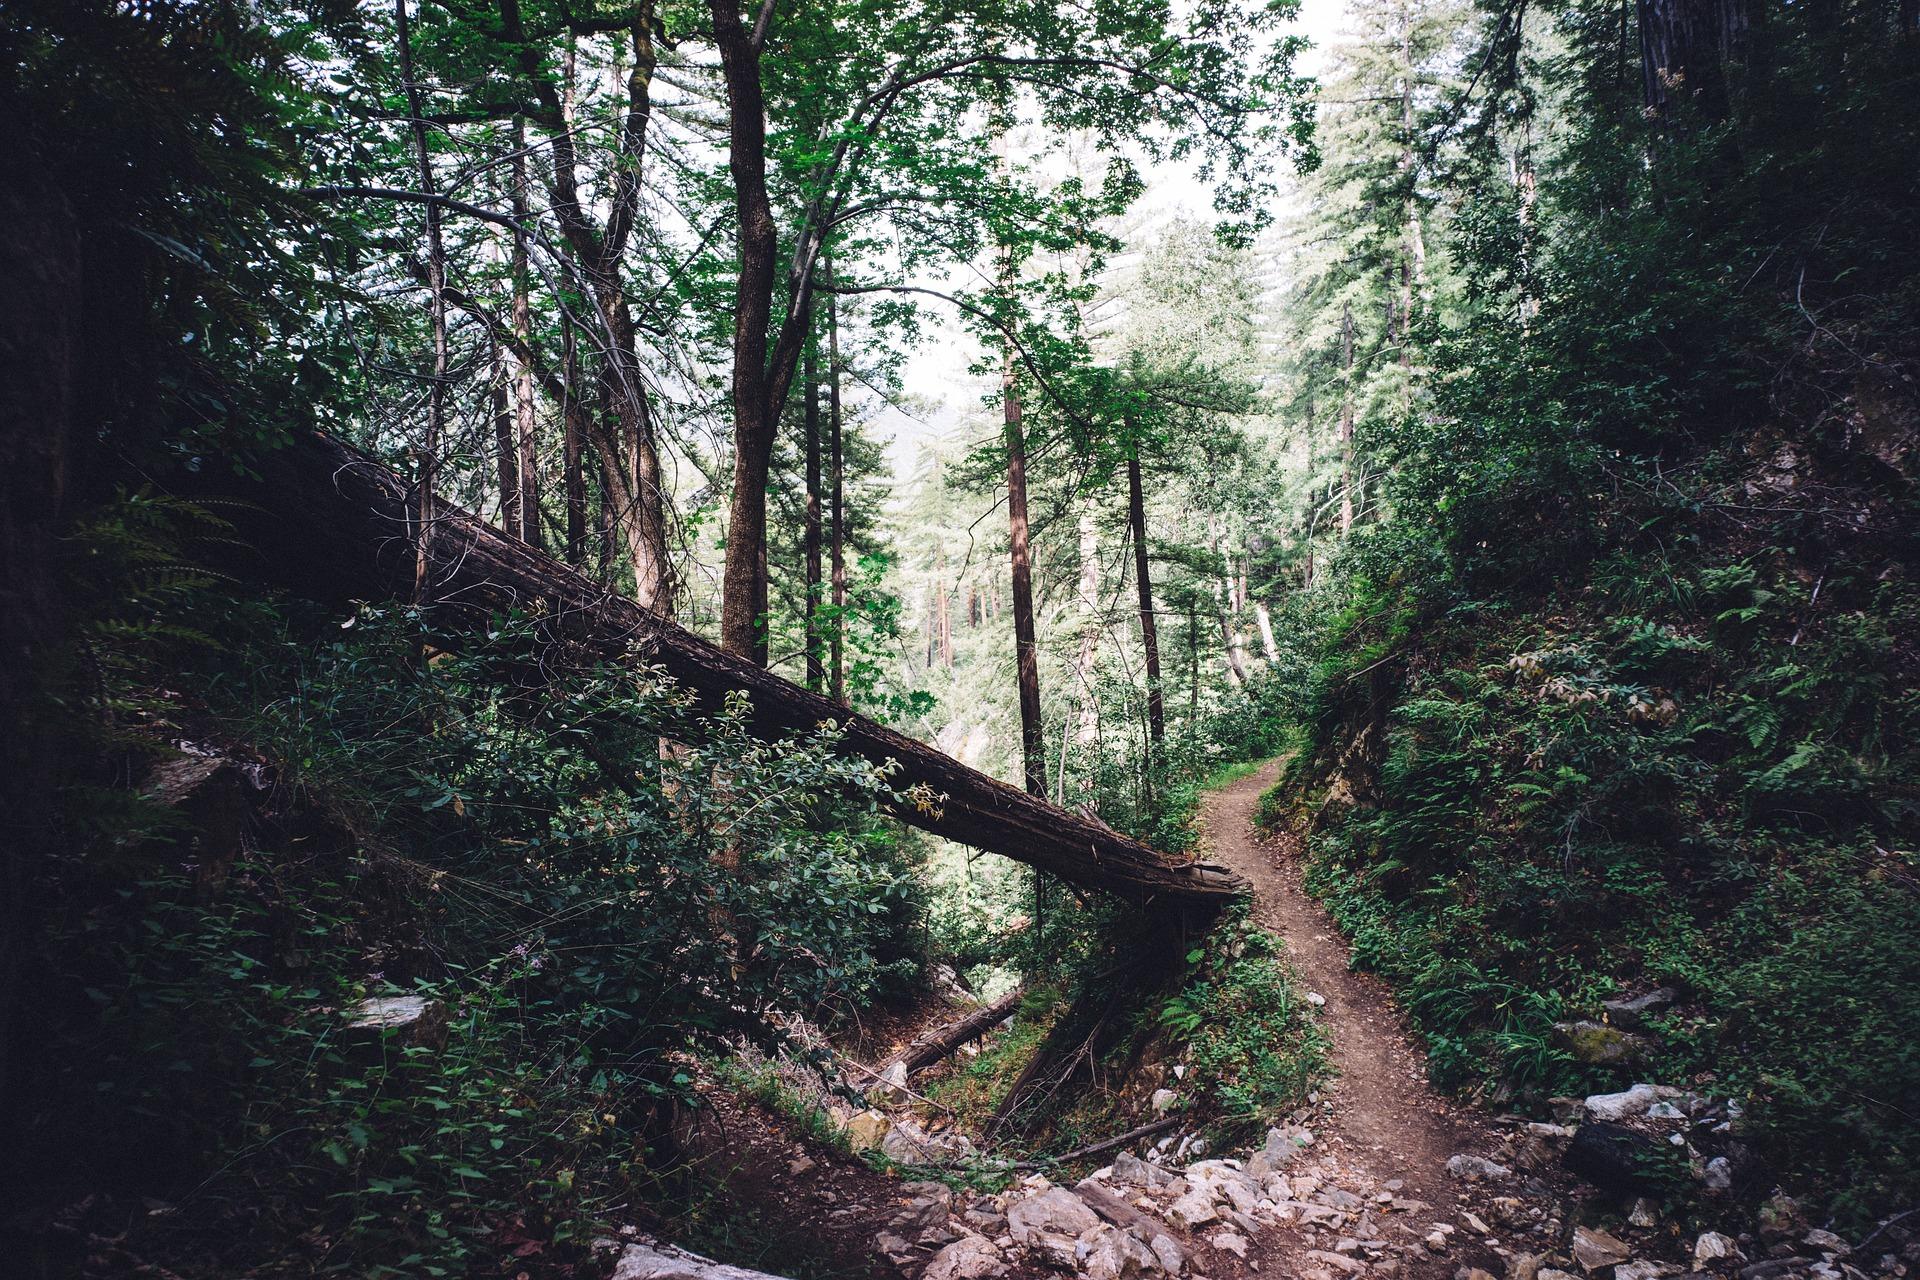 woods-1246177_1920.jpg